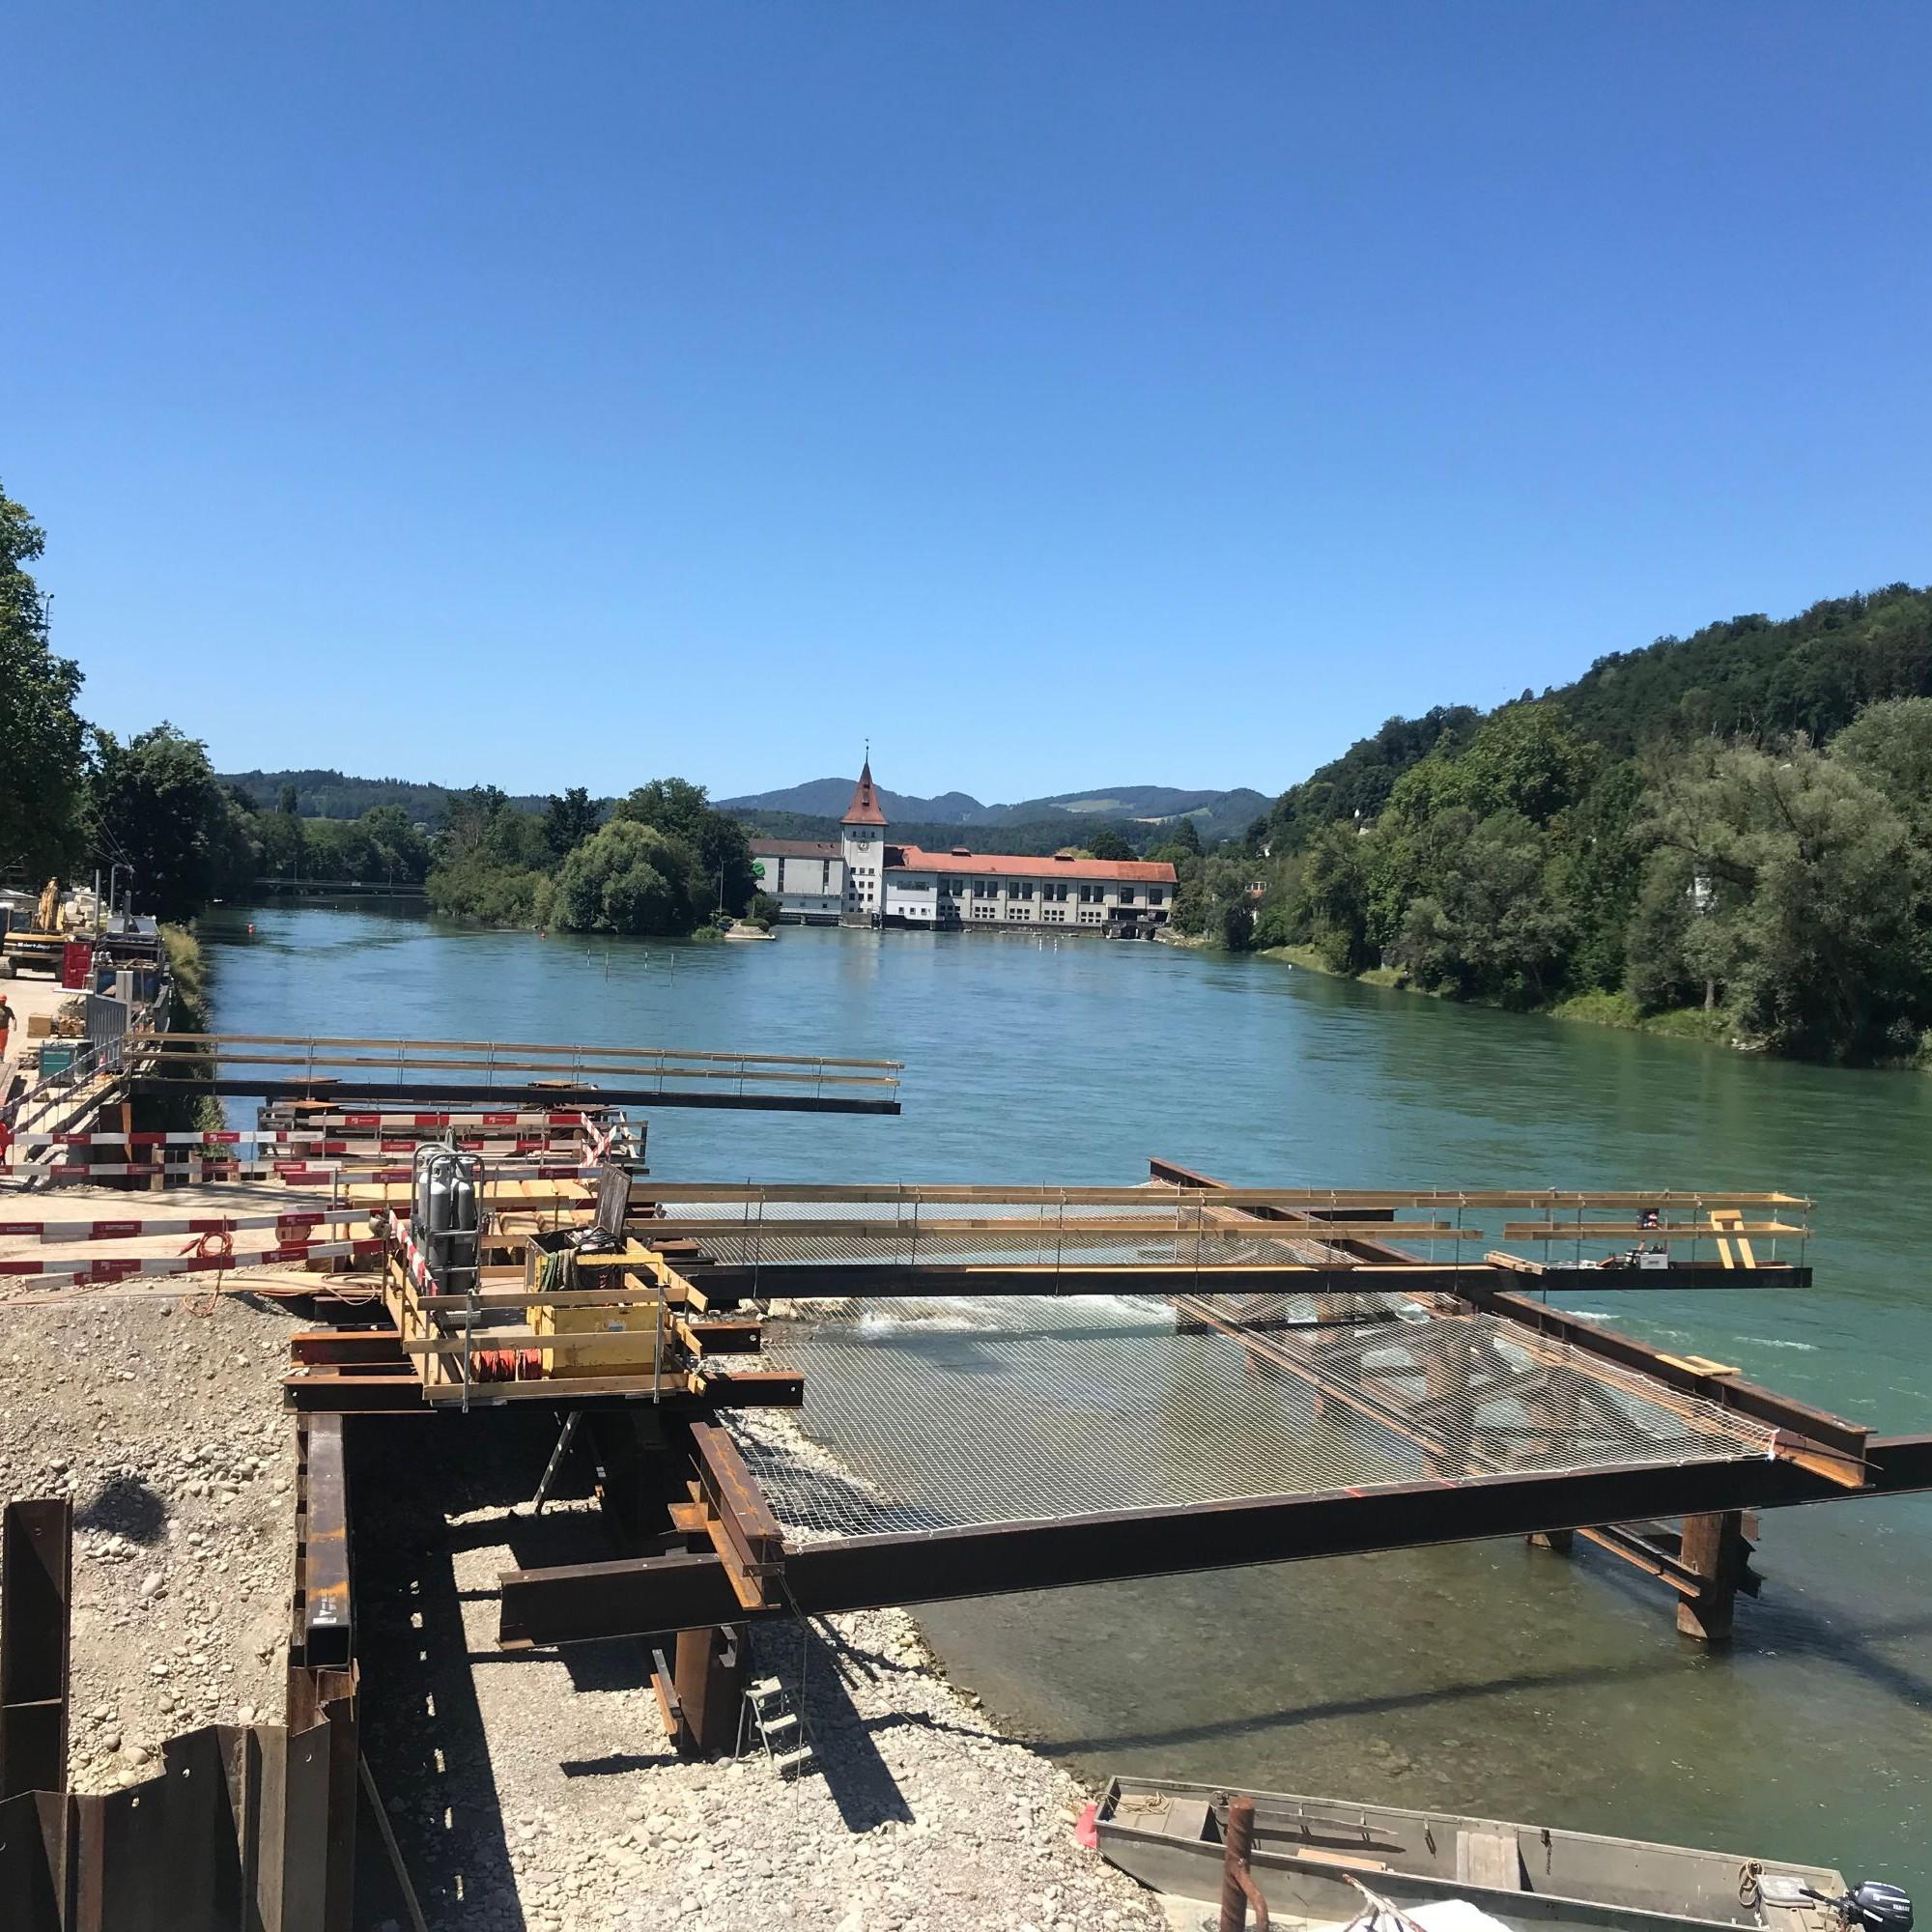 Die Podeste an den Ufern werden zur Aufstellung von zwei Hochbaukranen genutzt.